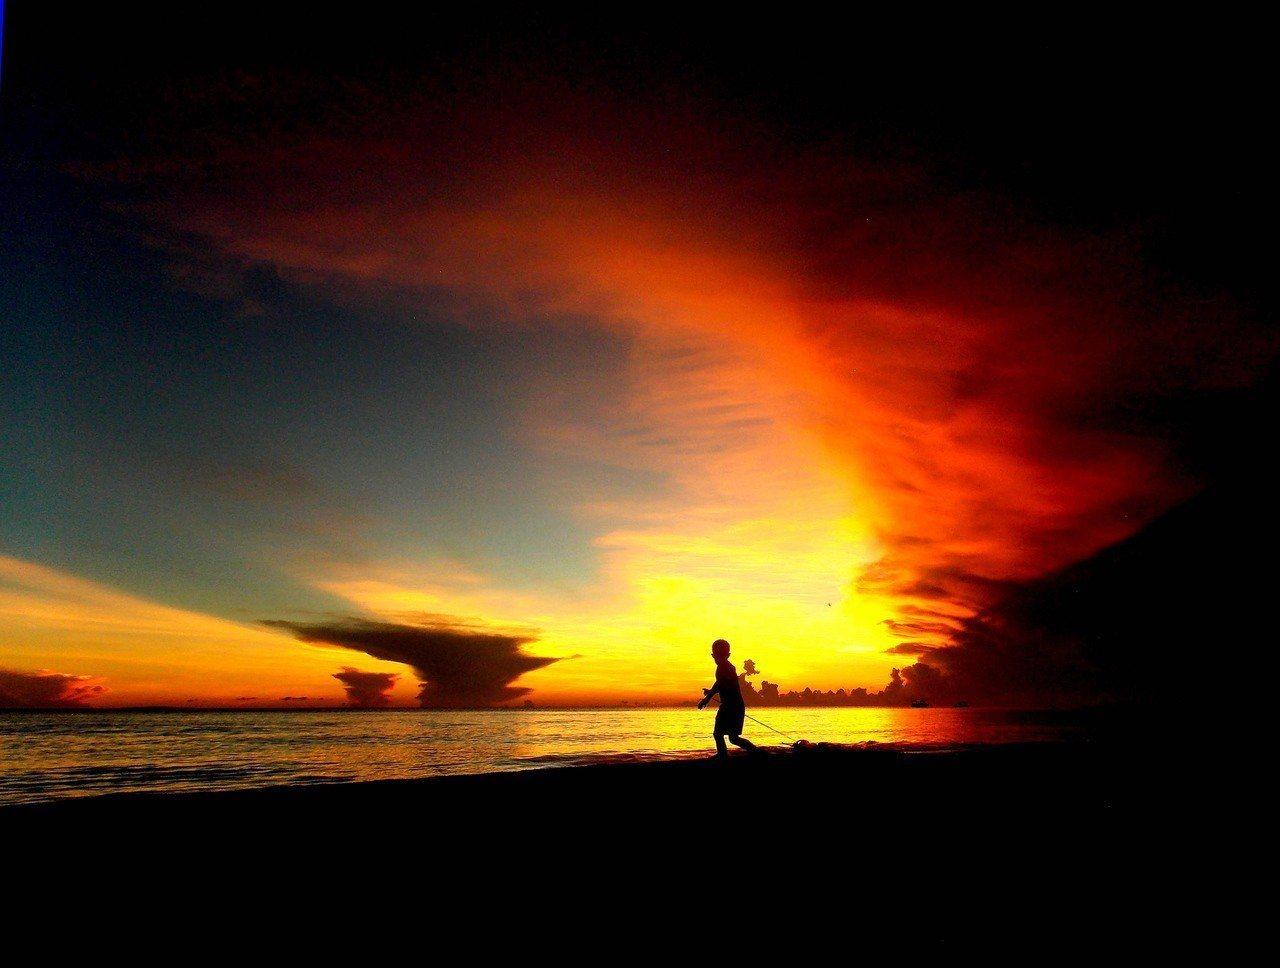 封島6個月的菲律賓旅遊勝地長灘島將於26日起測試開放,圖為長灘島。 歐新社